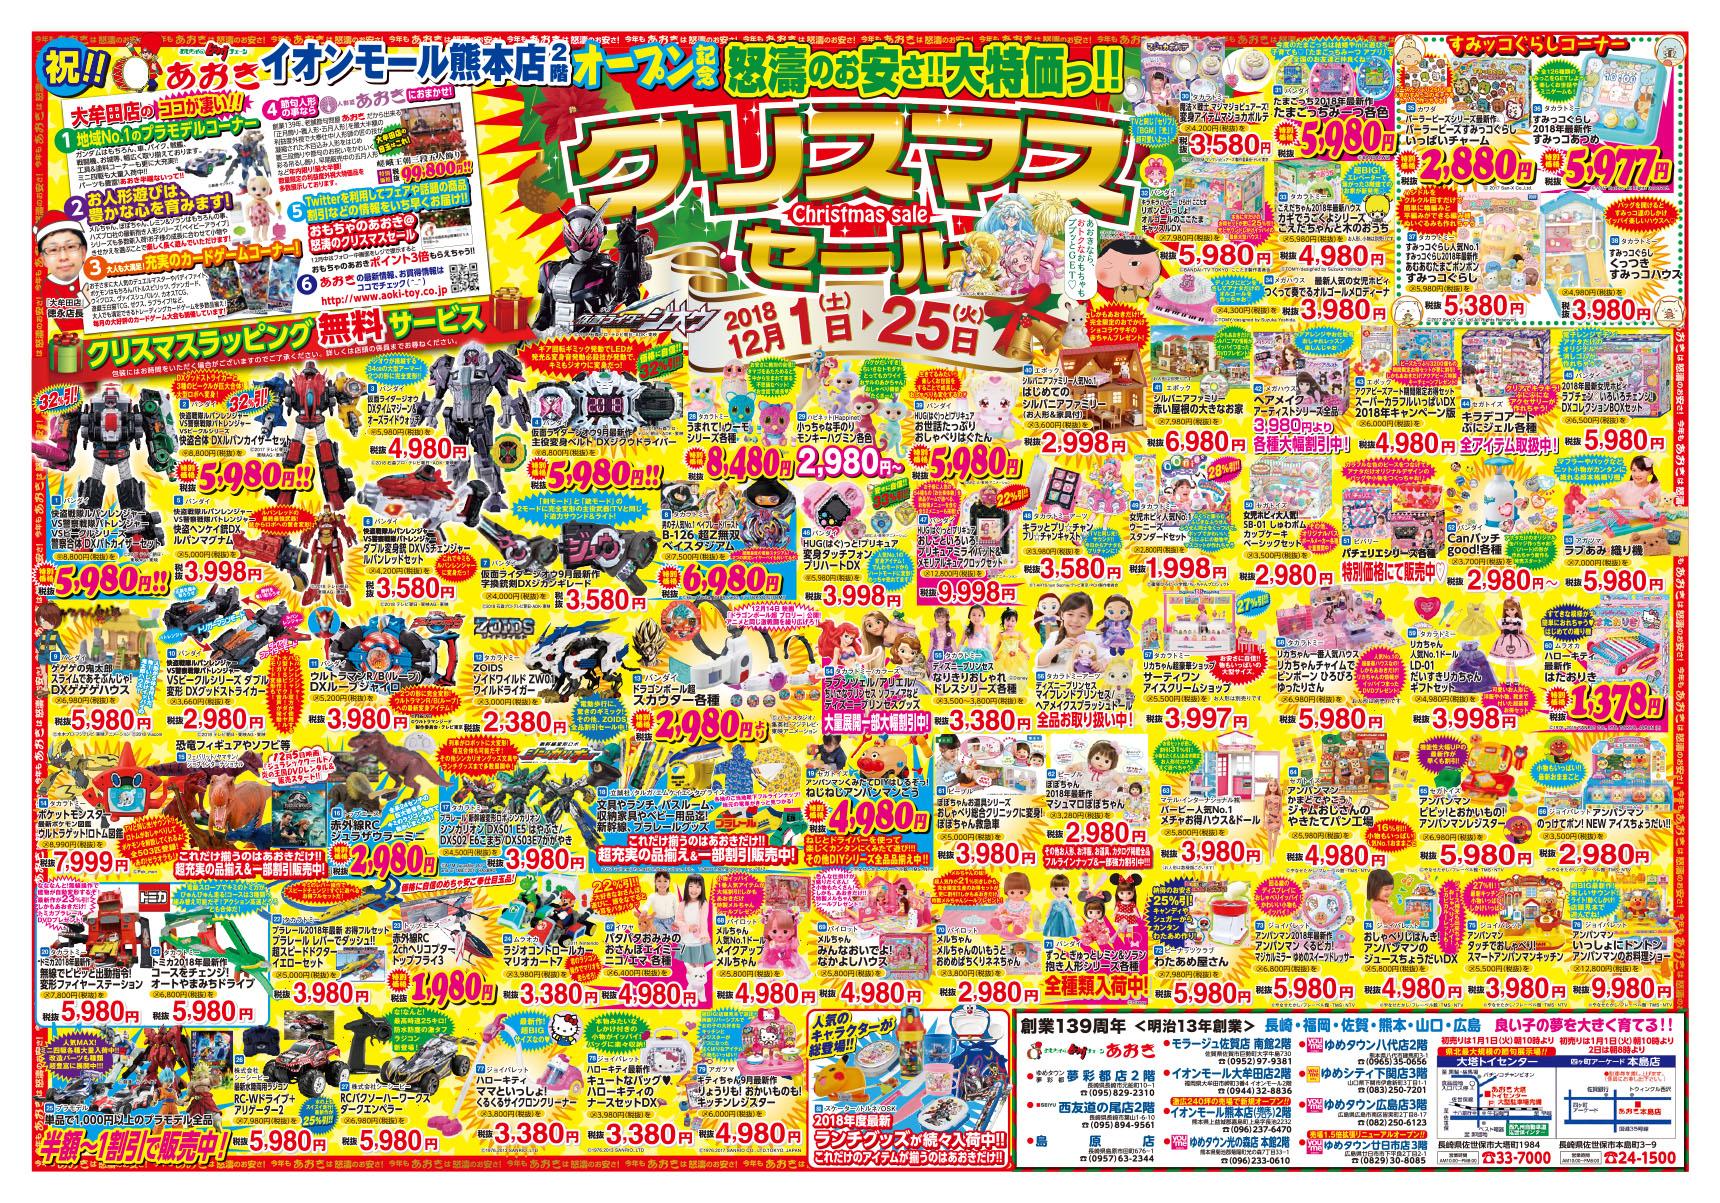 おもちゃのあおき   www.aoki-toy.co.jp